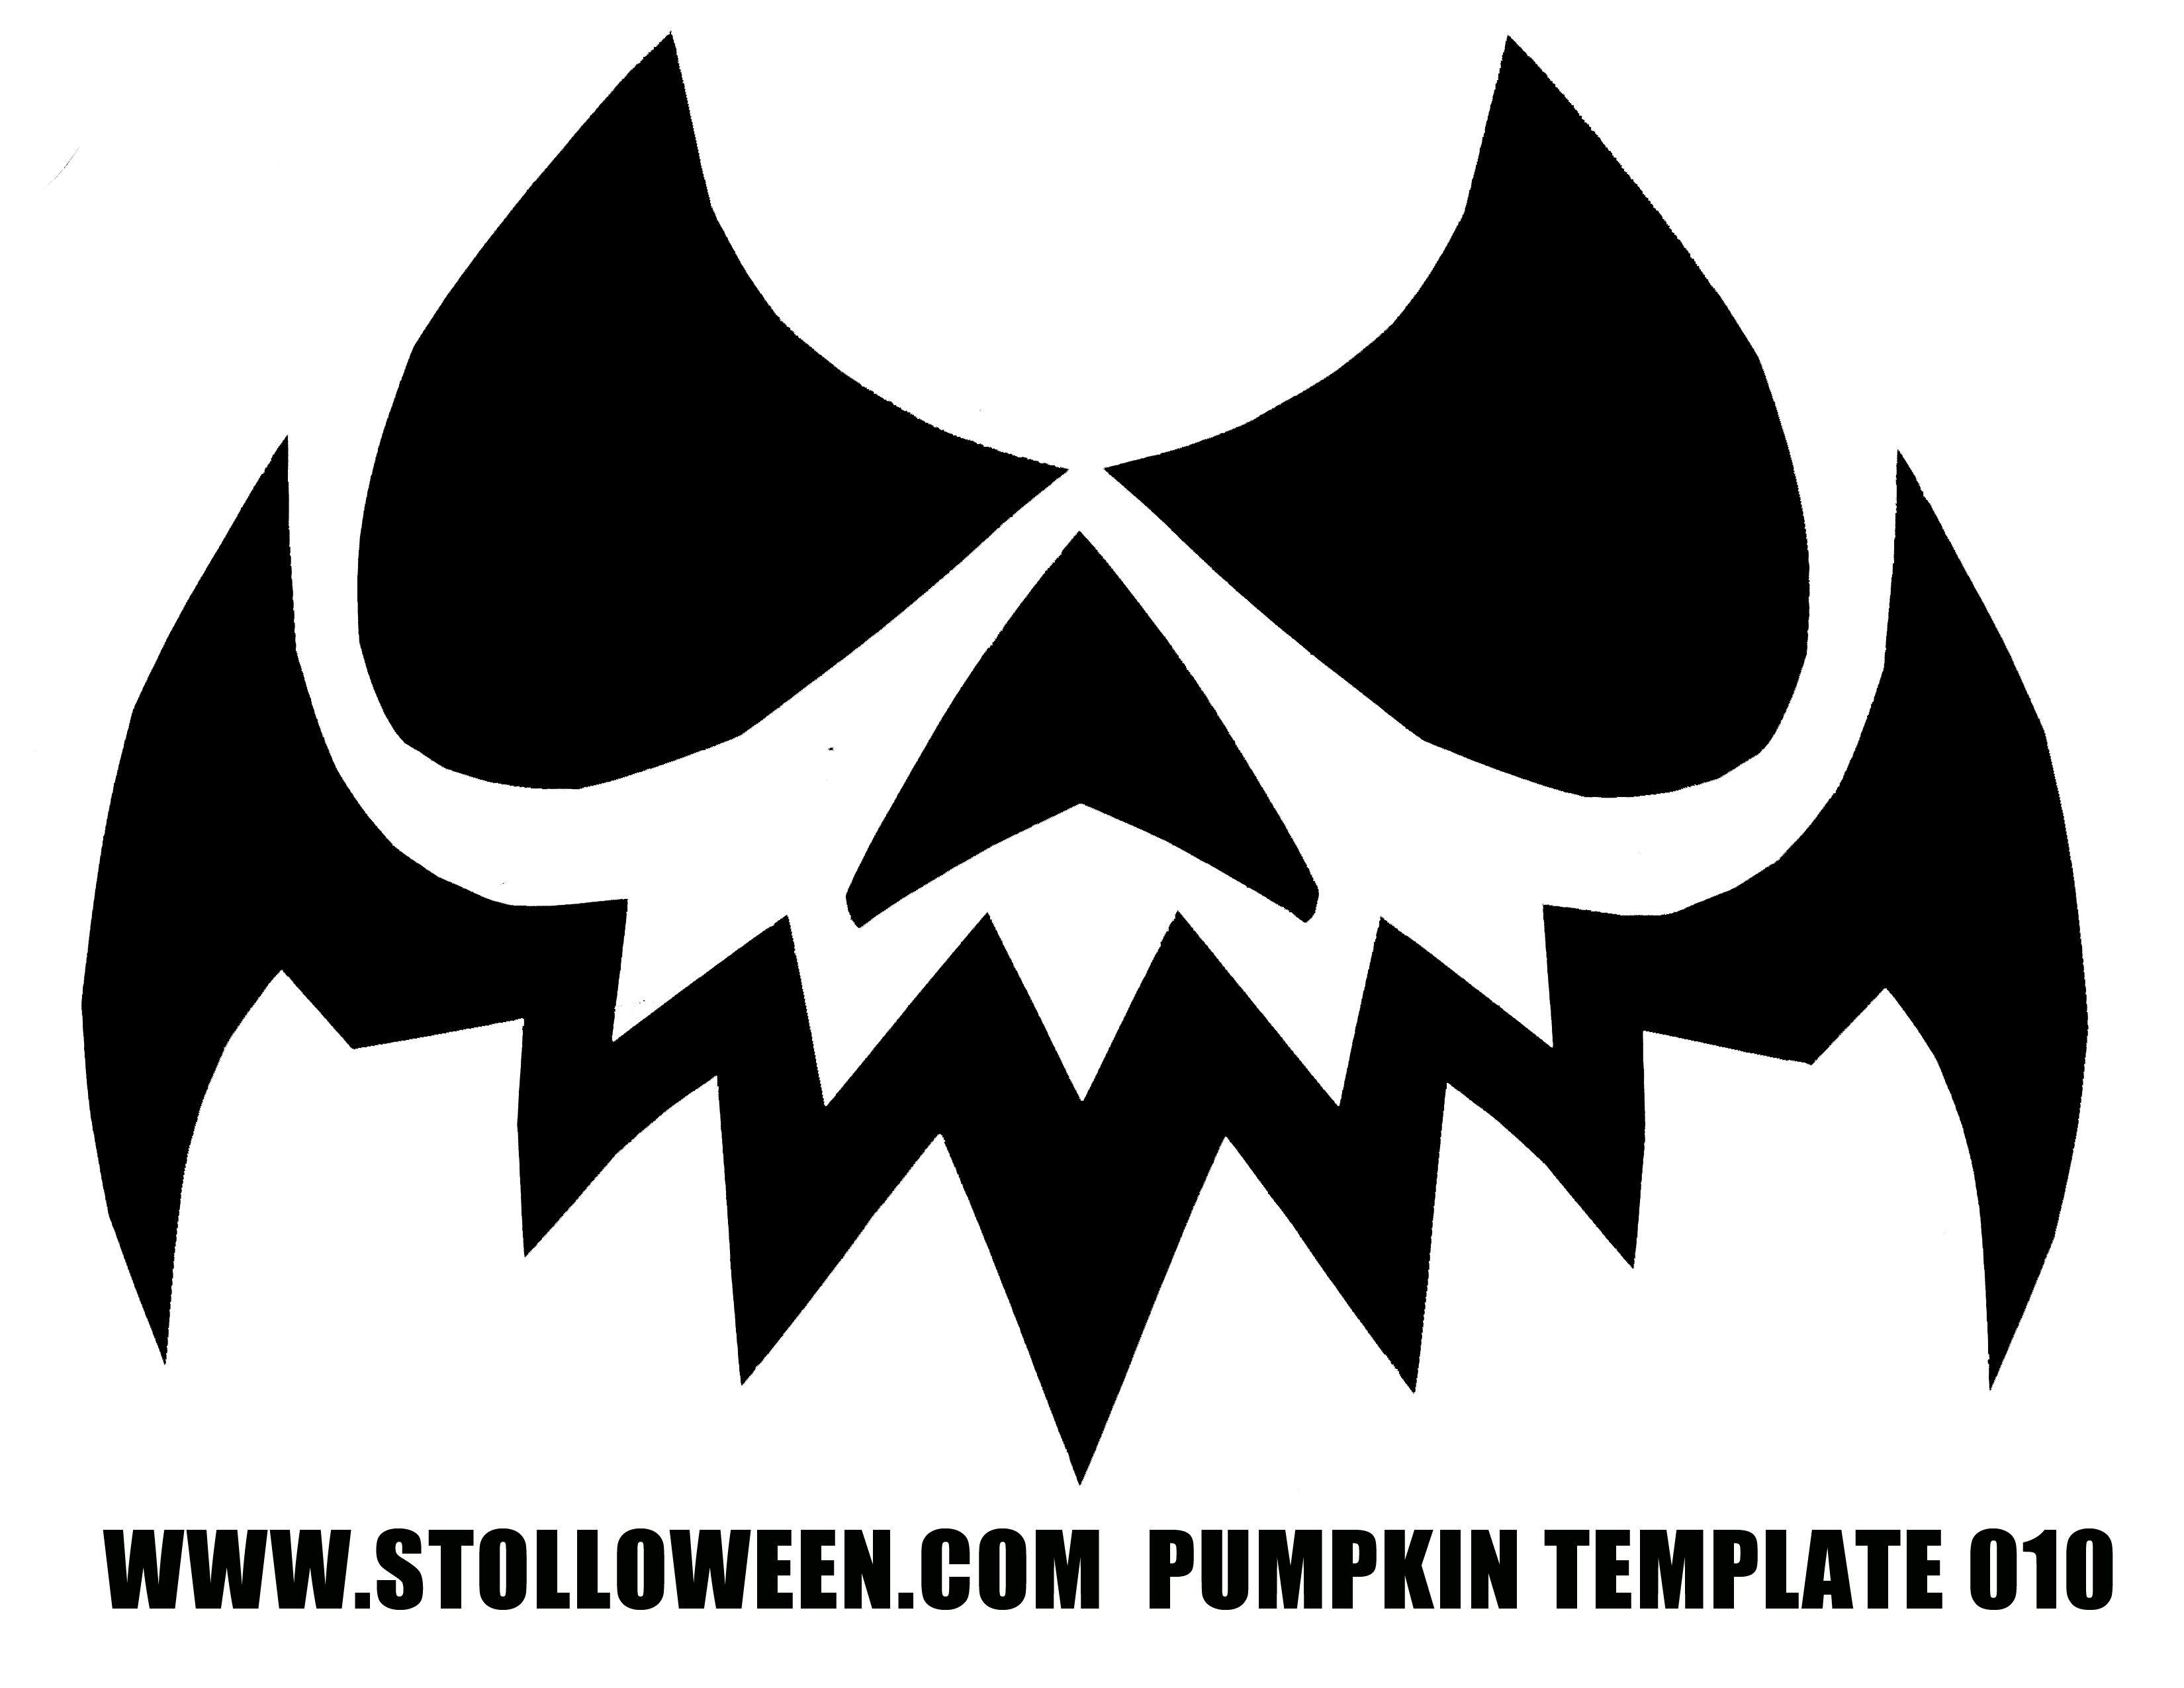 pumpkin stencil | Pumpkin Stencils | Pinterest | Stenciling, Pumpkin ...